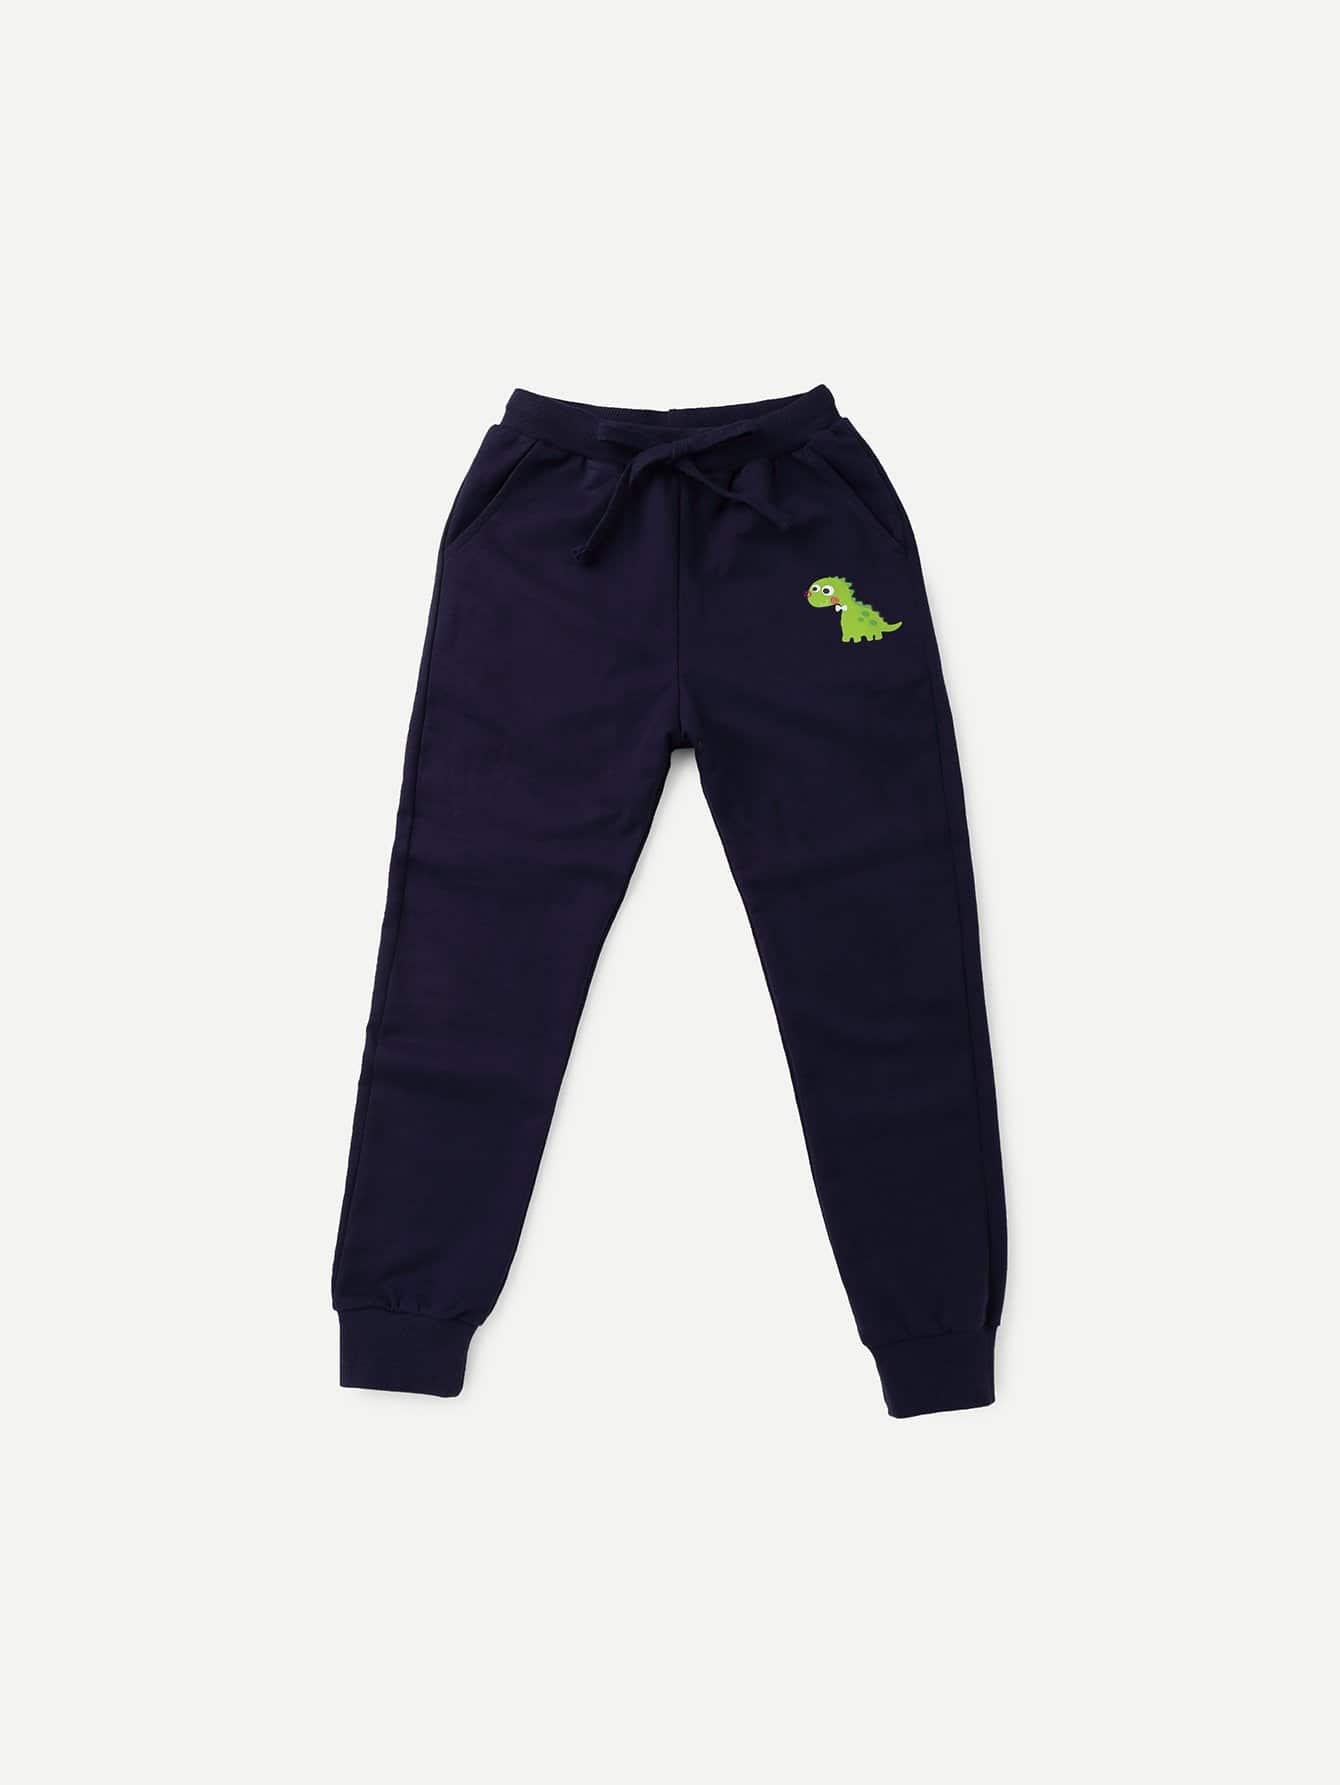 Boys Dinosaur Print Pants